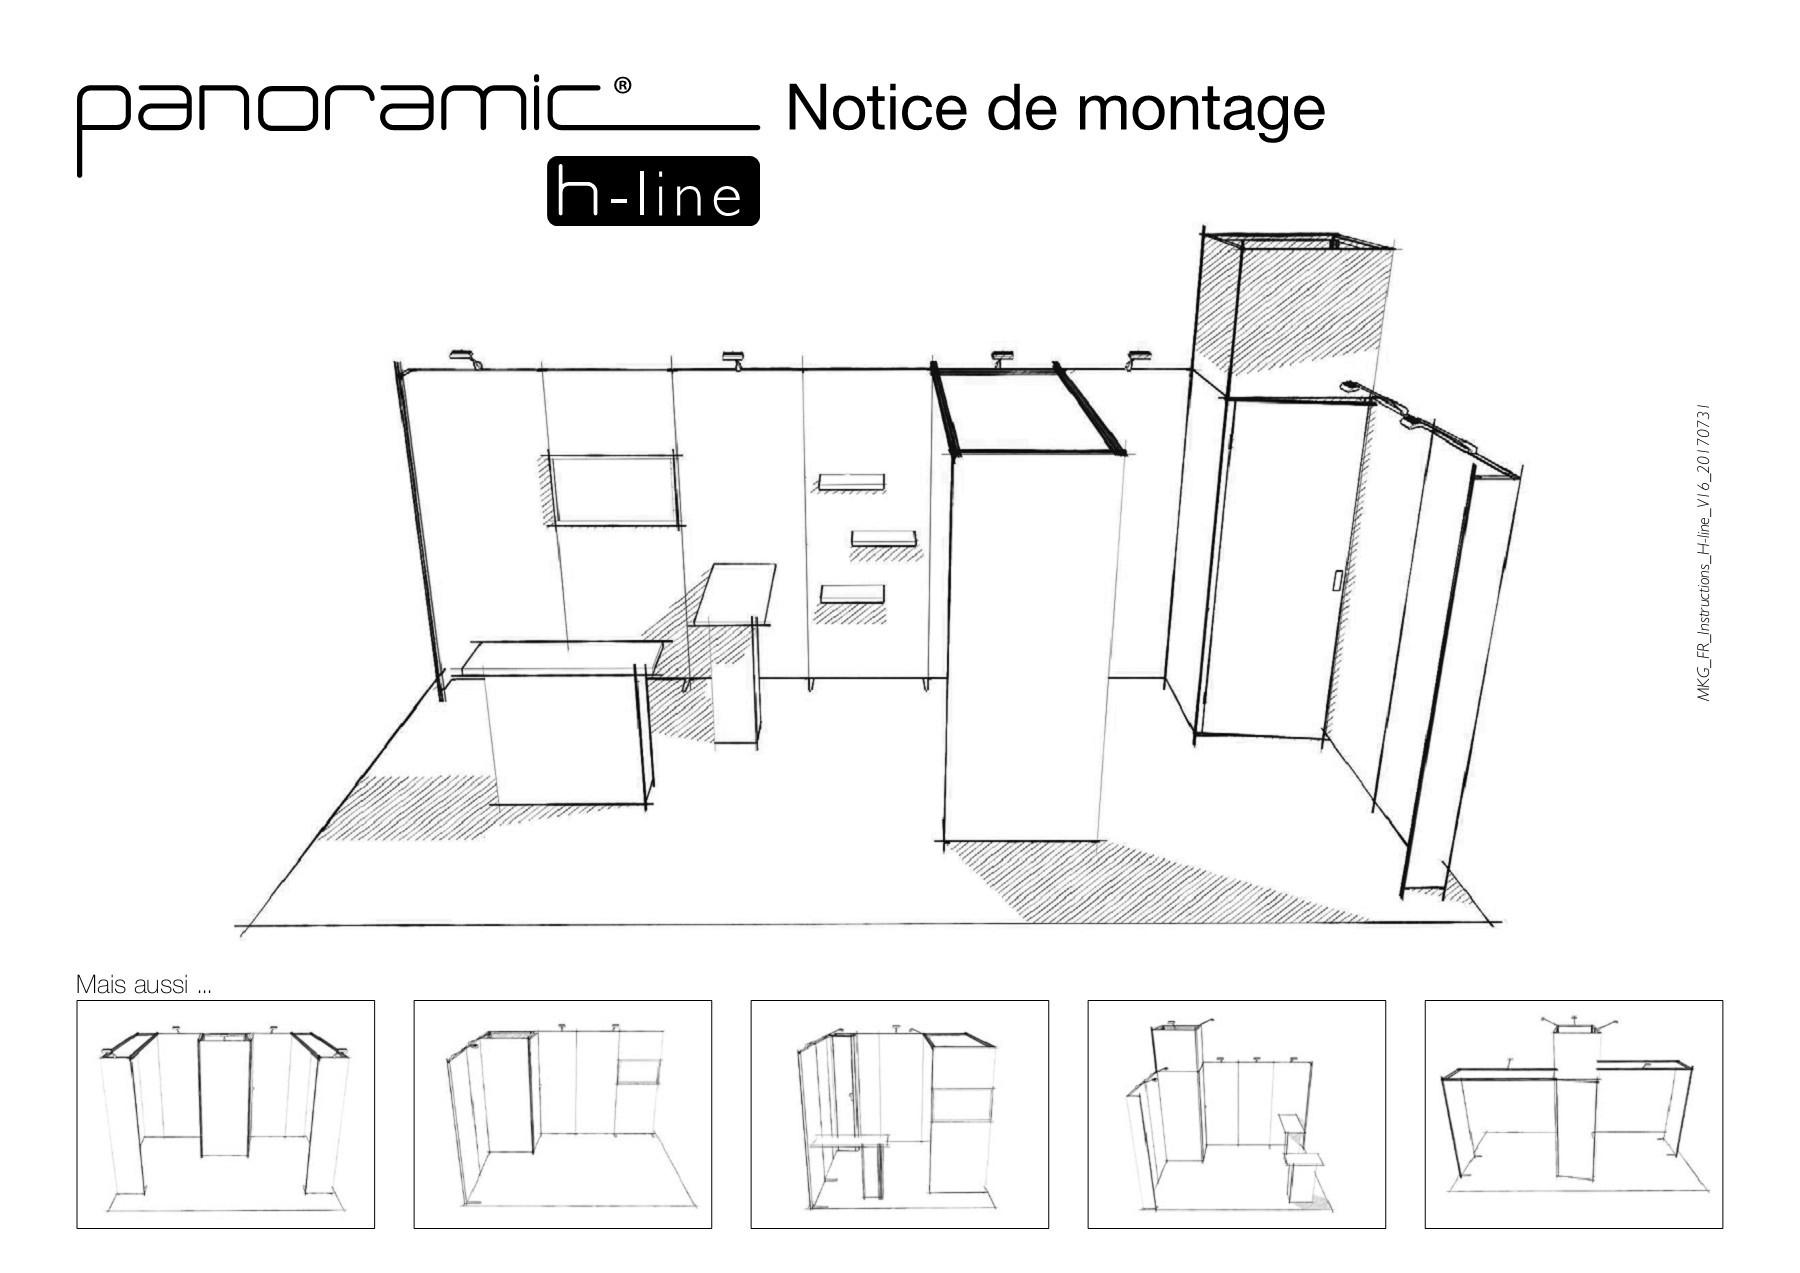 H-Line Notice De Montage à Notice Montage